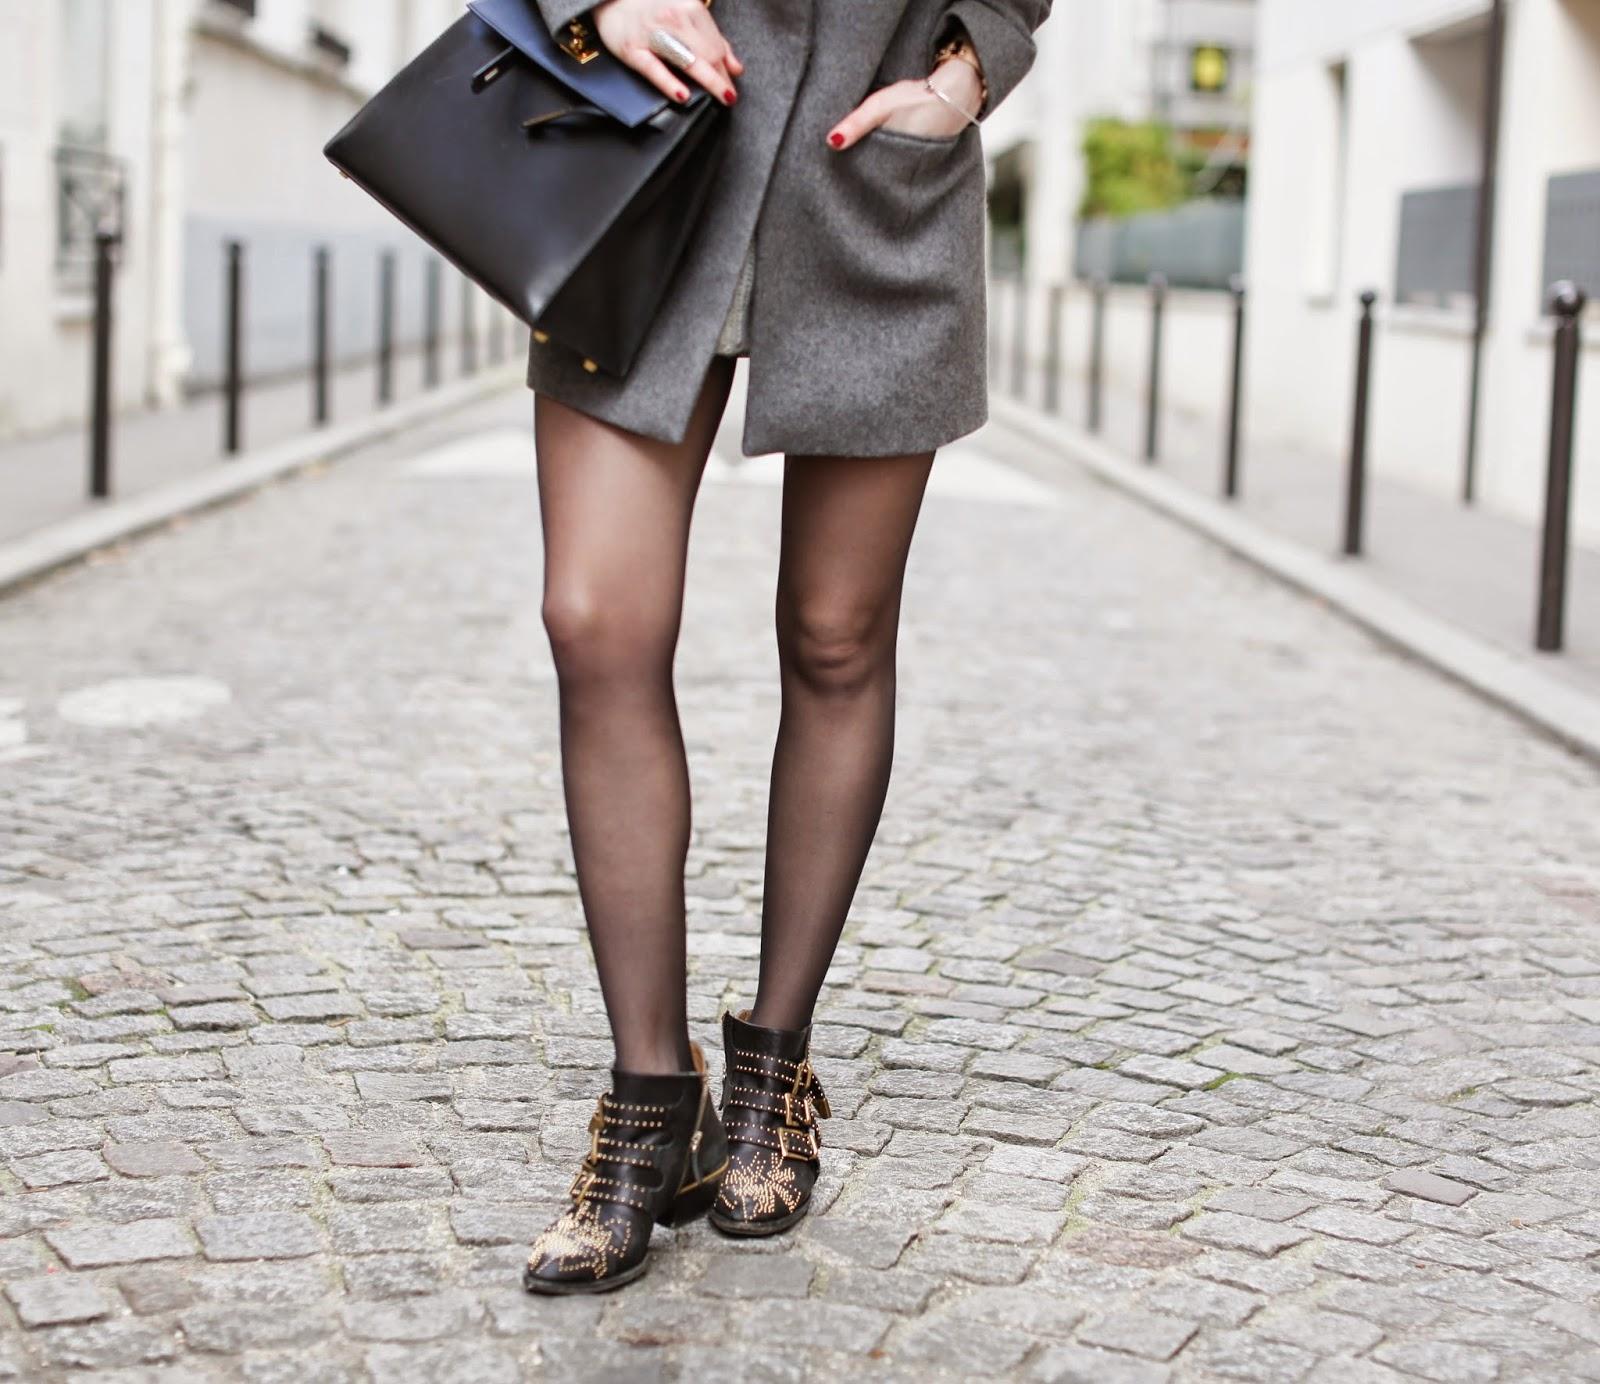 cos, maison michel, chloé susanna, hermès, fur, streetstyle, fashion blogger, paris